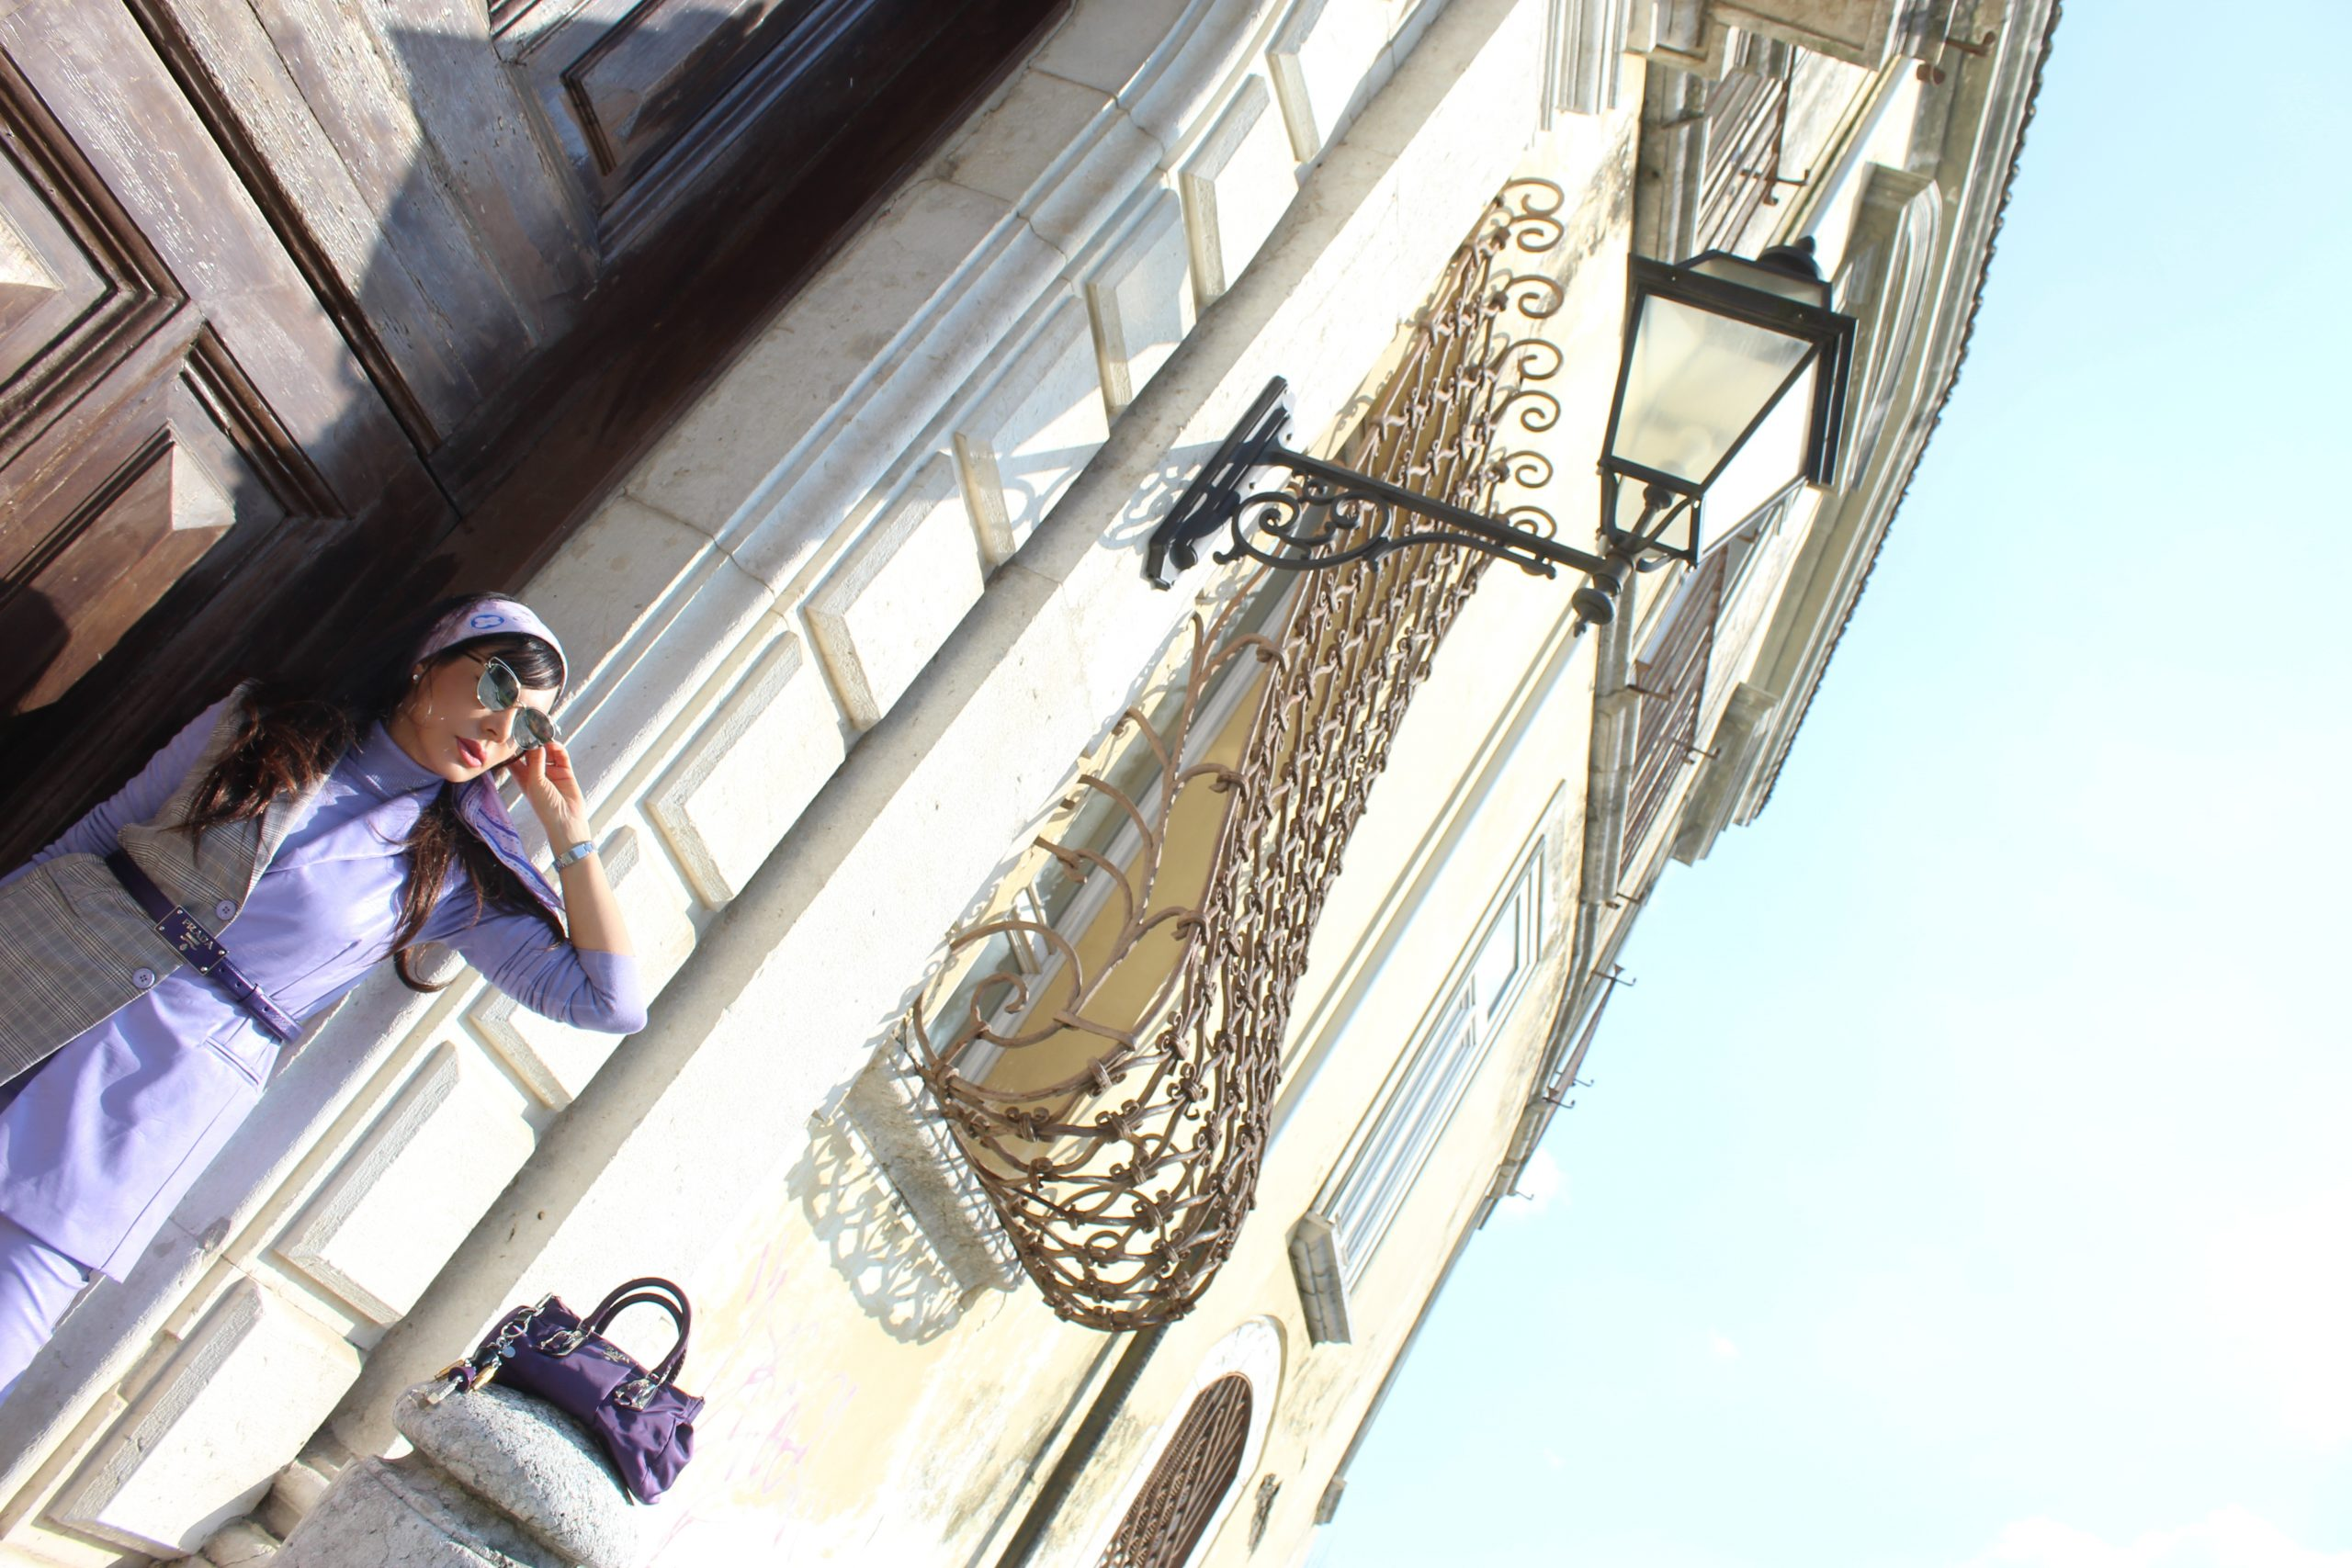 Dior Prada accessories spring trend Paola Lauretano